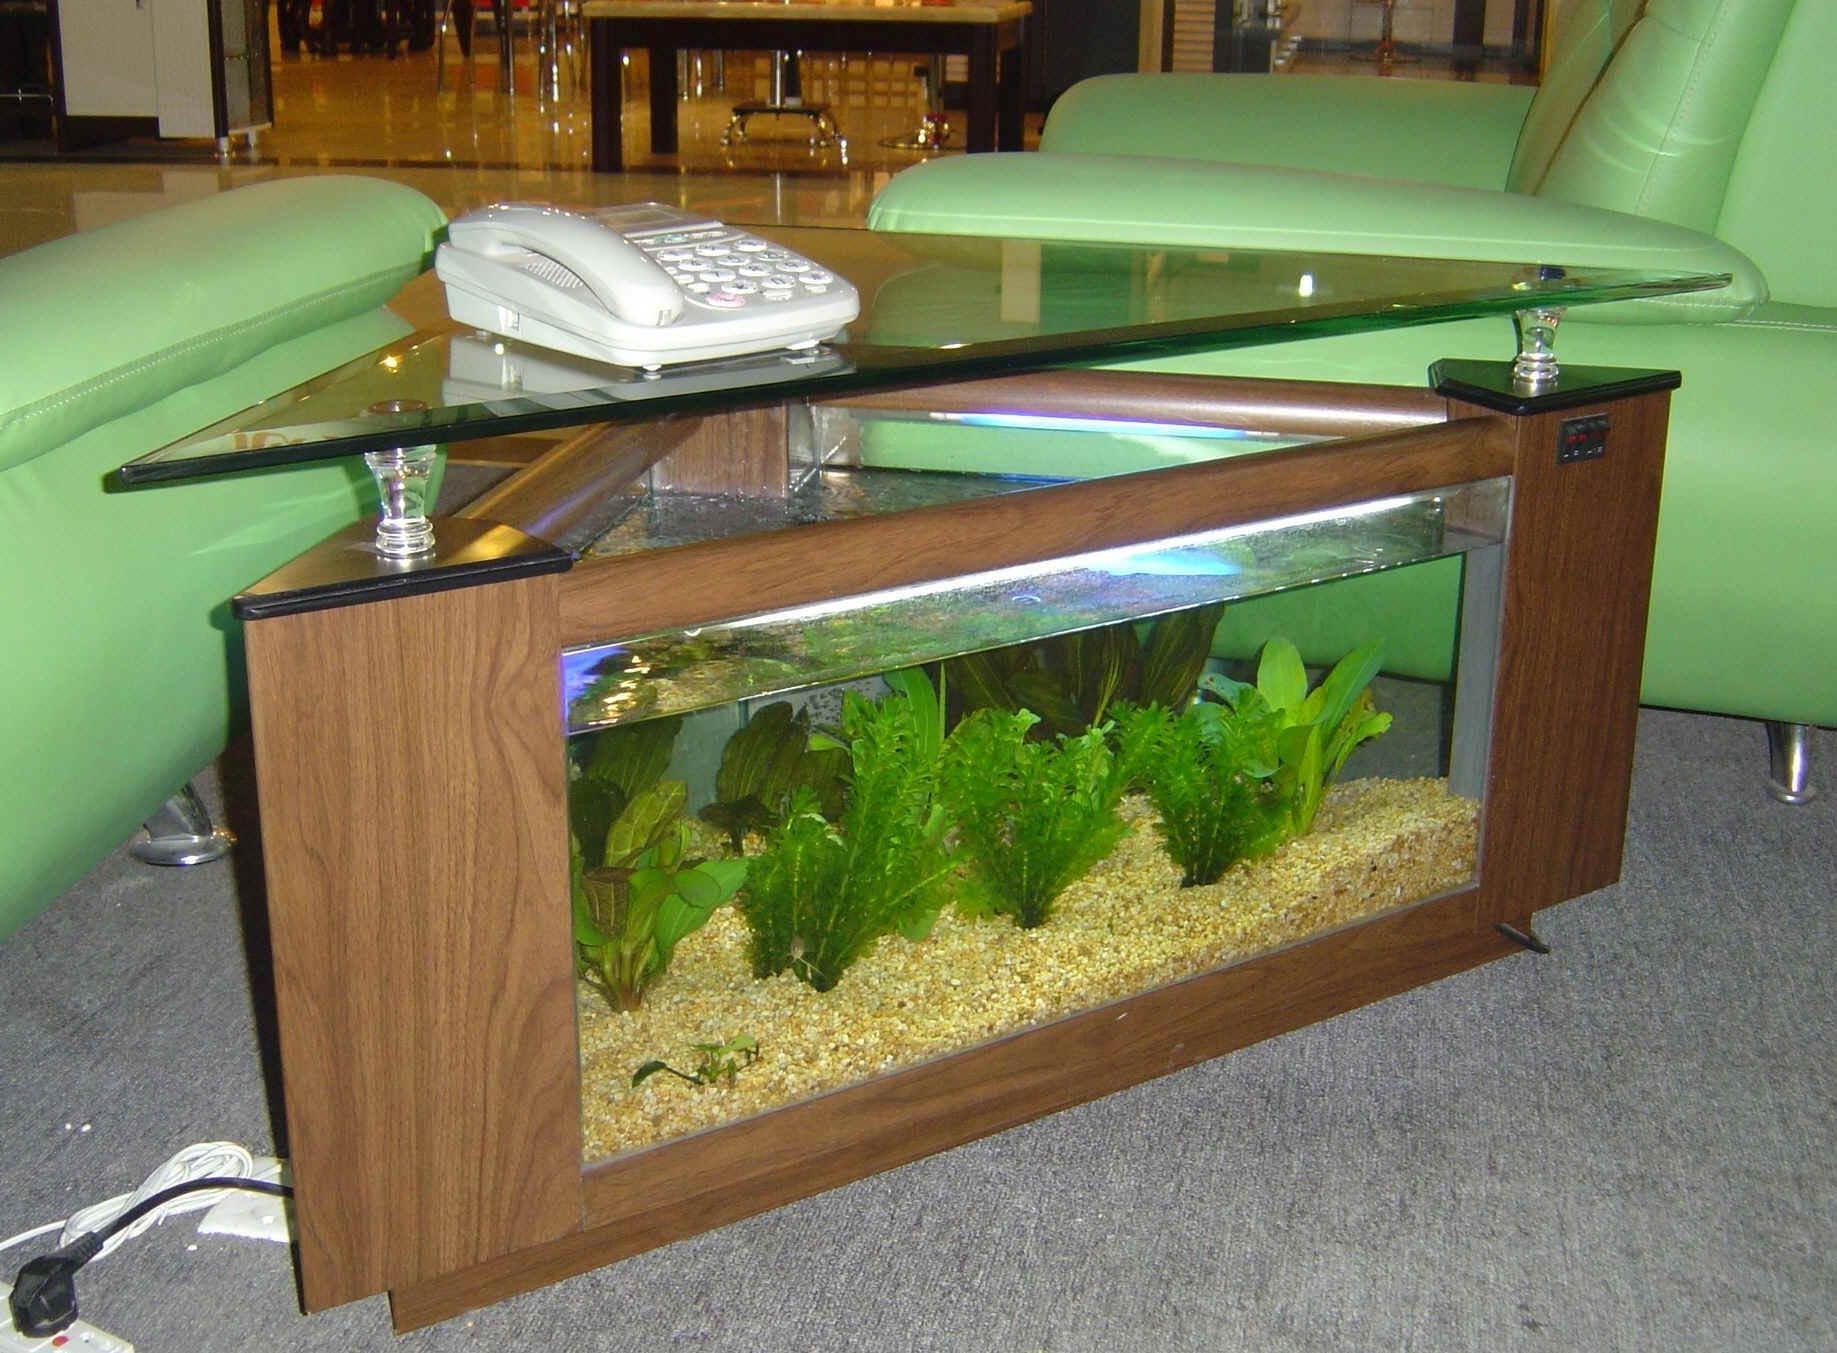 Fish aquarium coffee tables aquarium ideas pinterest fish fish aquarium coffee tables geotapseo Image collections